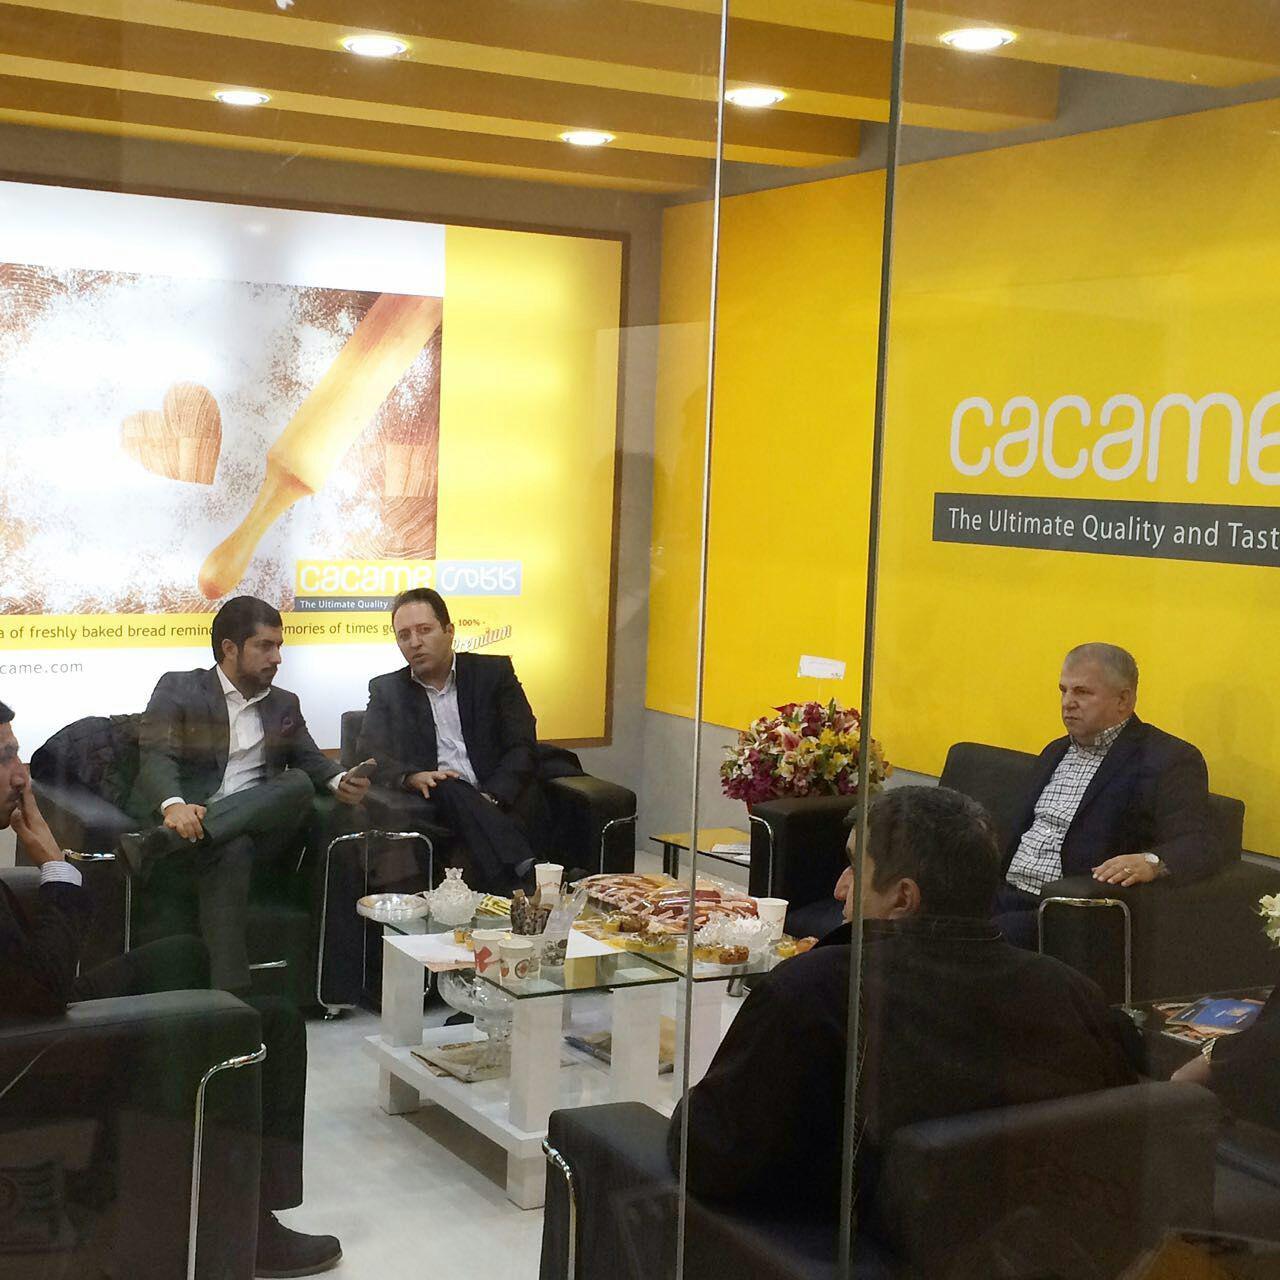 دادکان و سلطان در غرفه نان محمد پروین + تصاویر